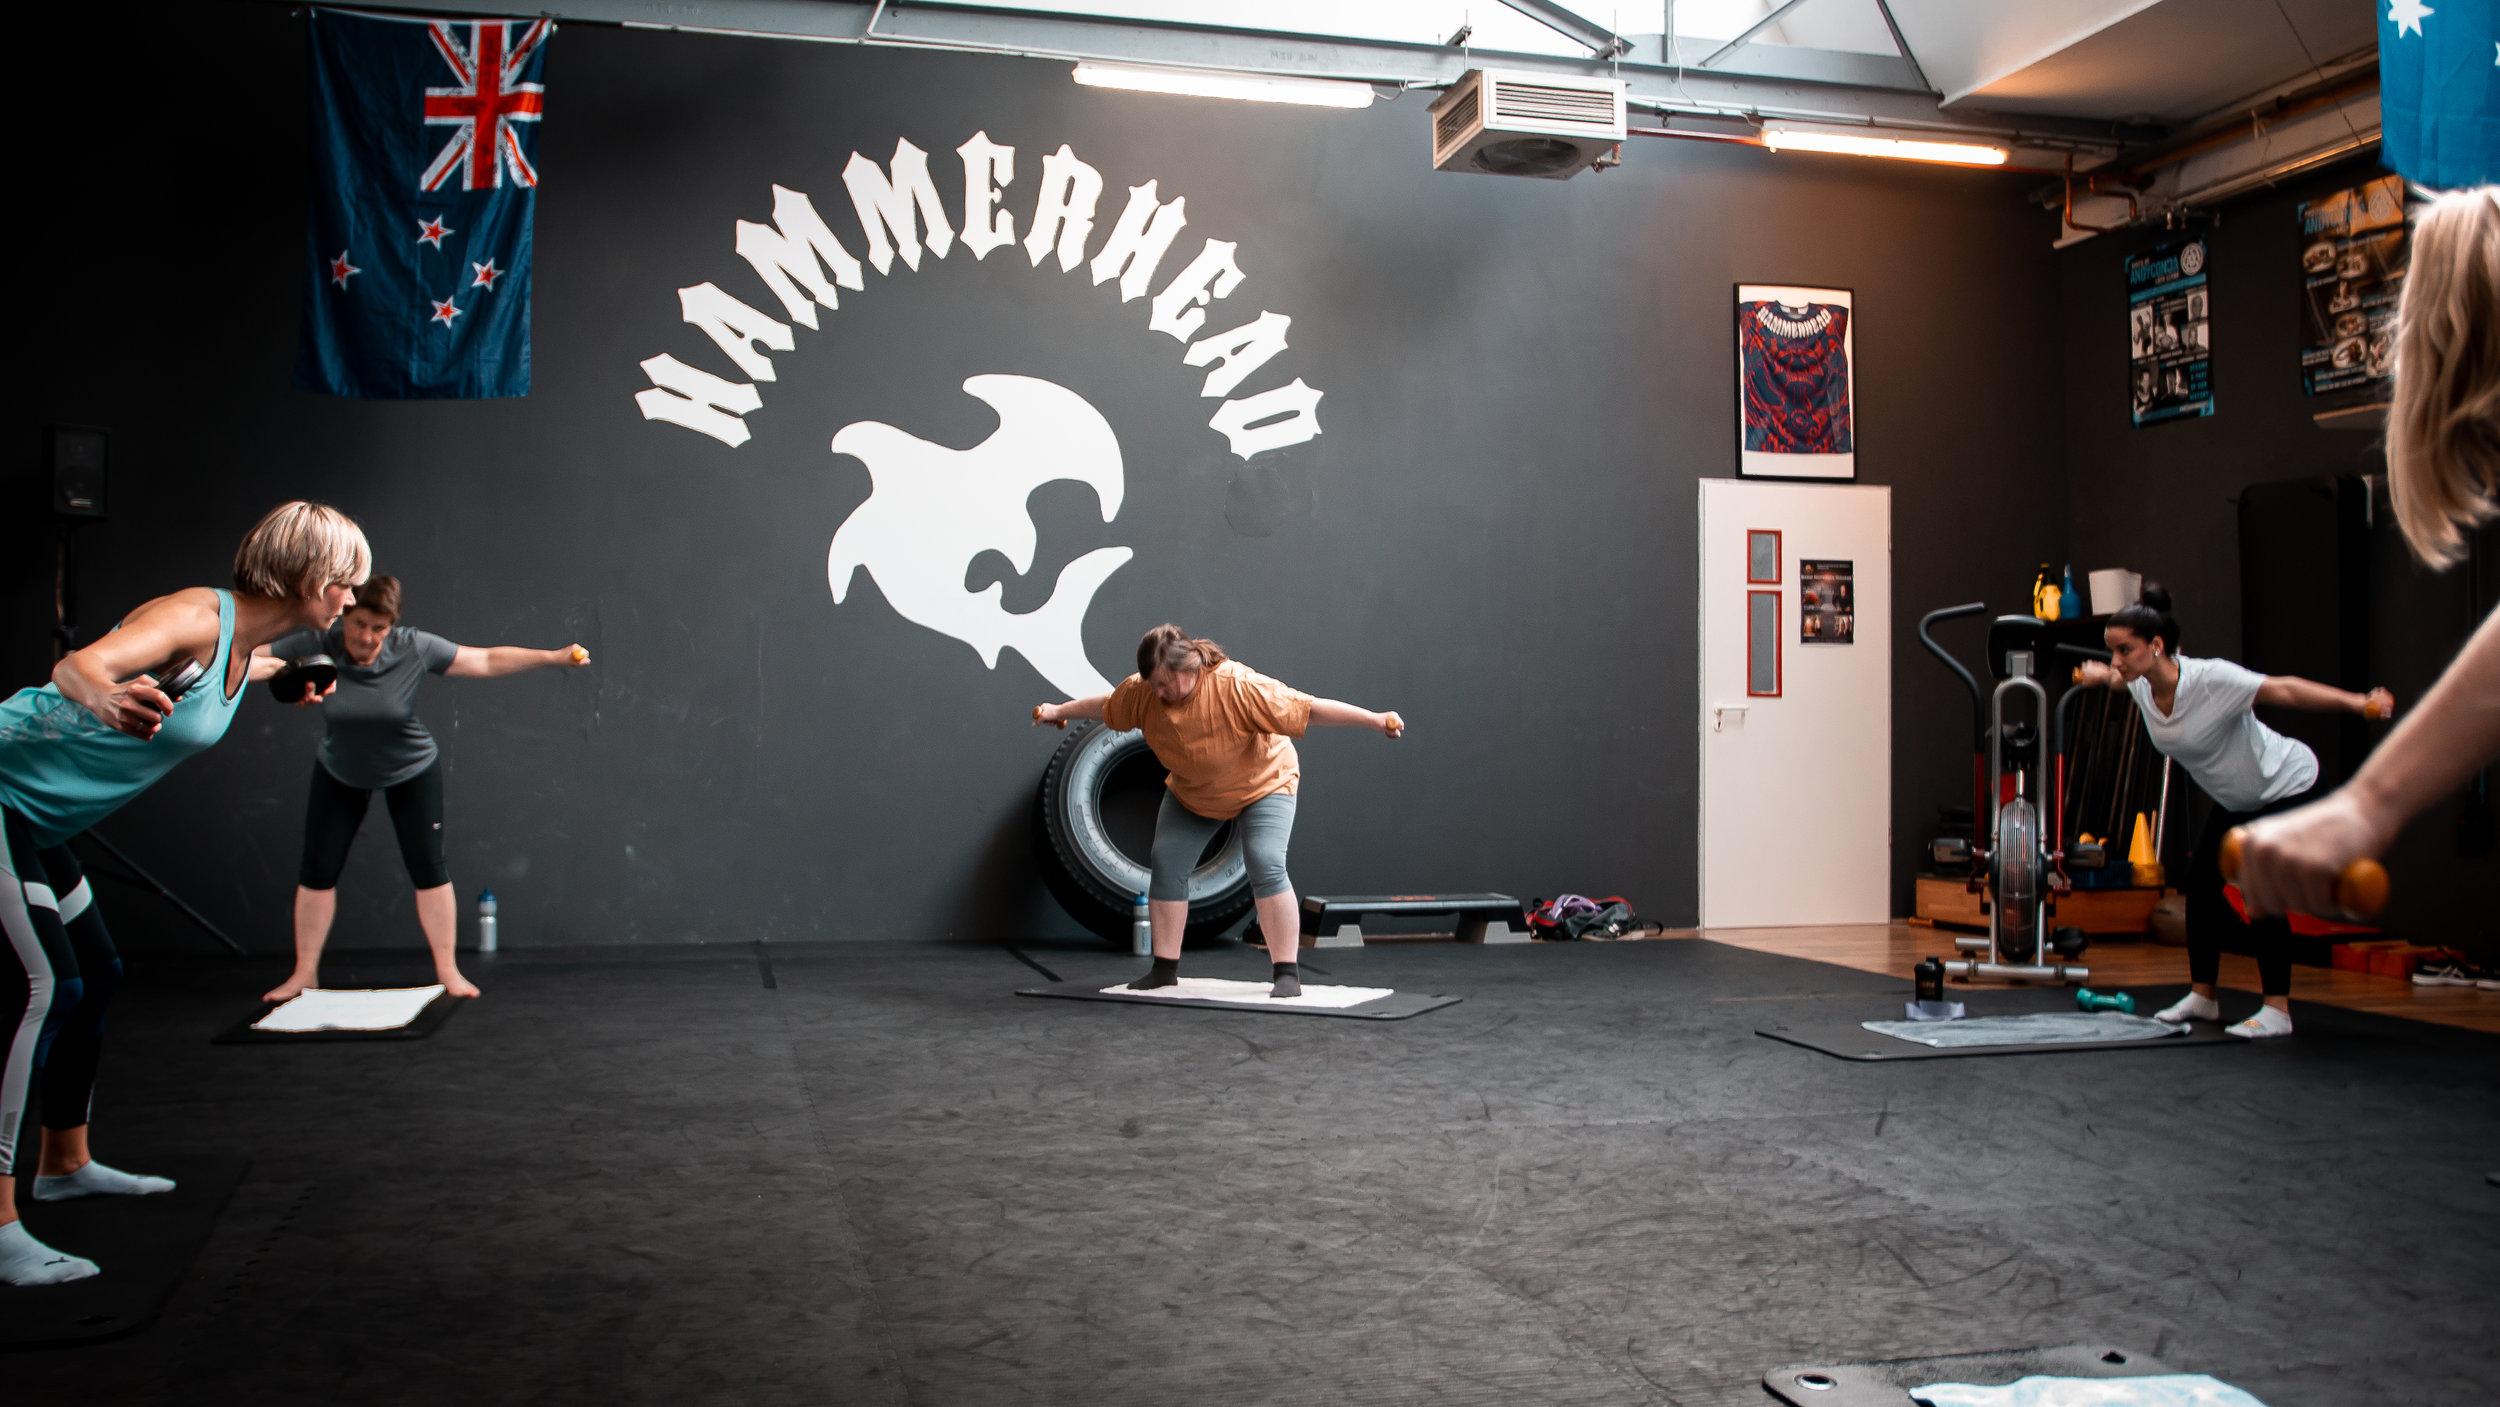 Bodyforming - Durch gezielte Muskelausdauerübungen wird dein gesamter Körper gestrafft und geformt.Instructor: Simone